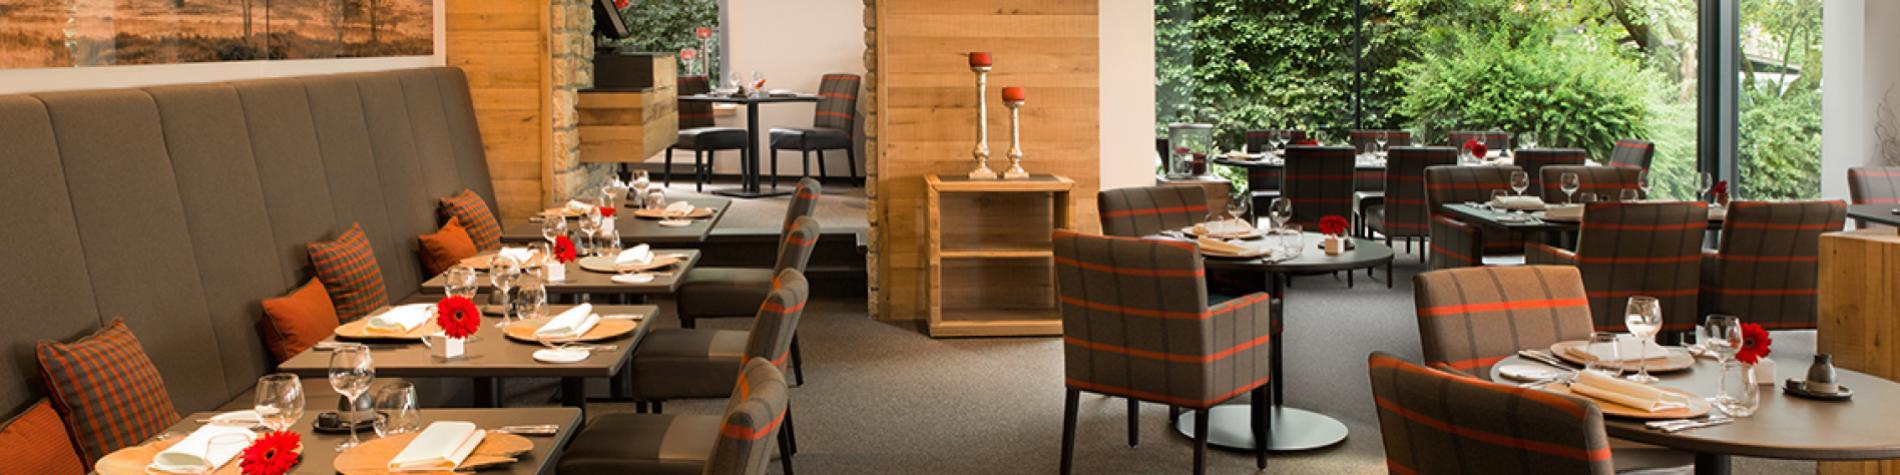 Découvrez le Restaurant de l'Hôtel Bütgenbacher-Hof - Relais du Silence en Ardennes